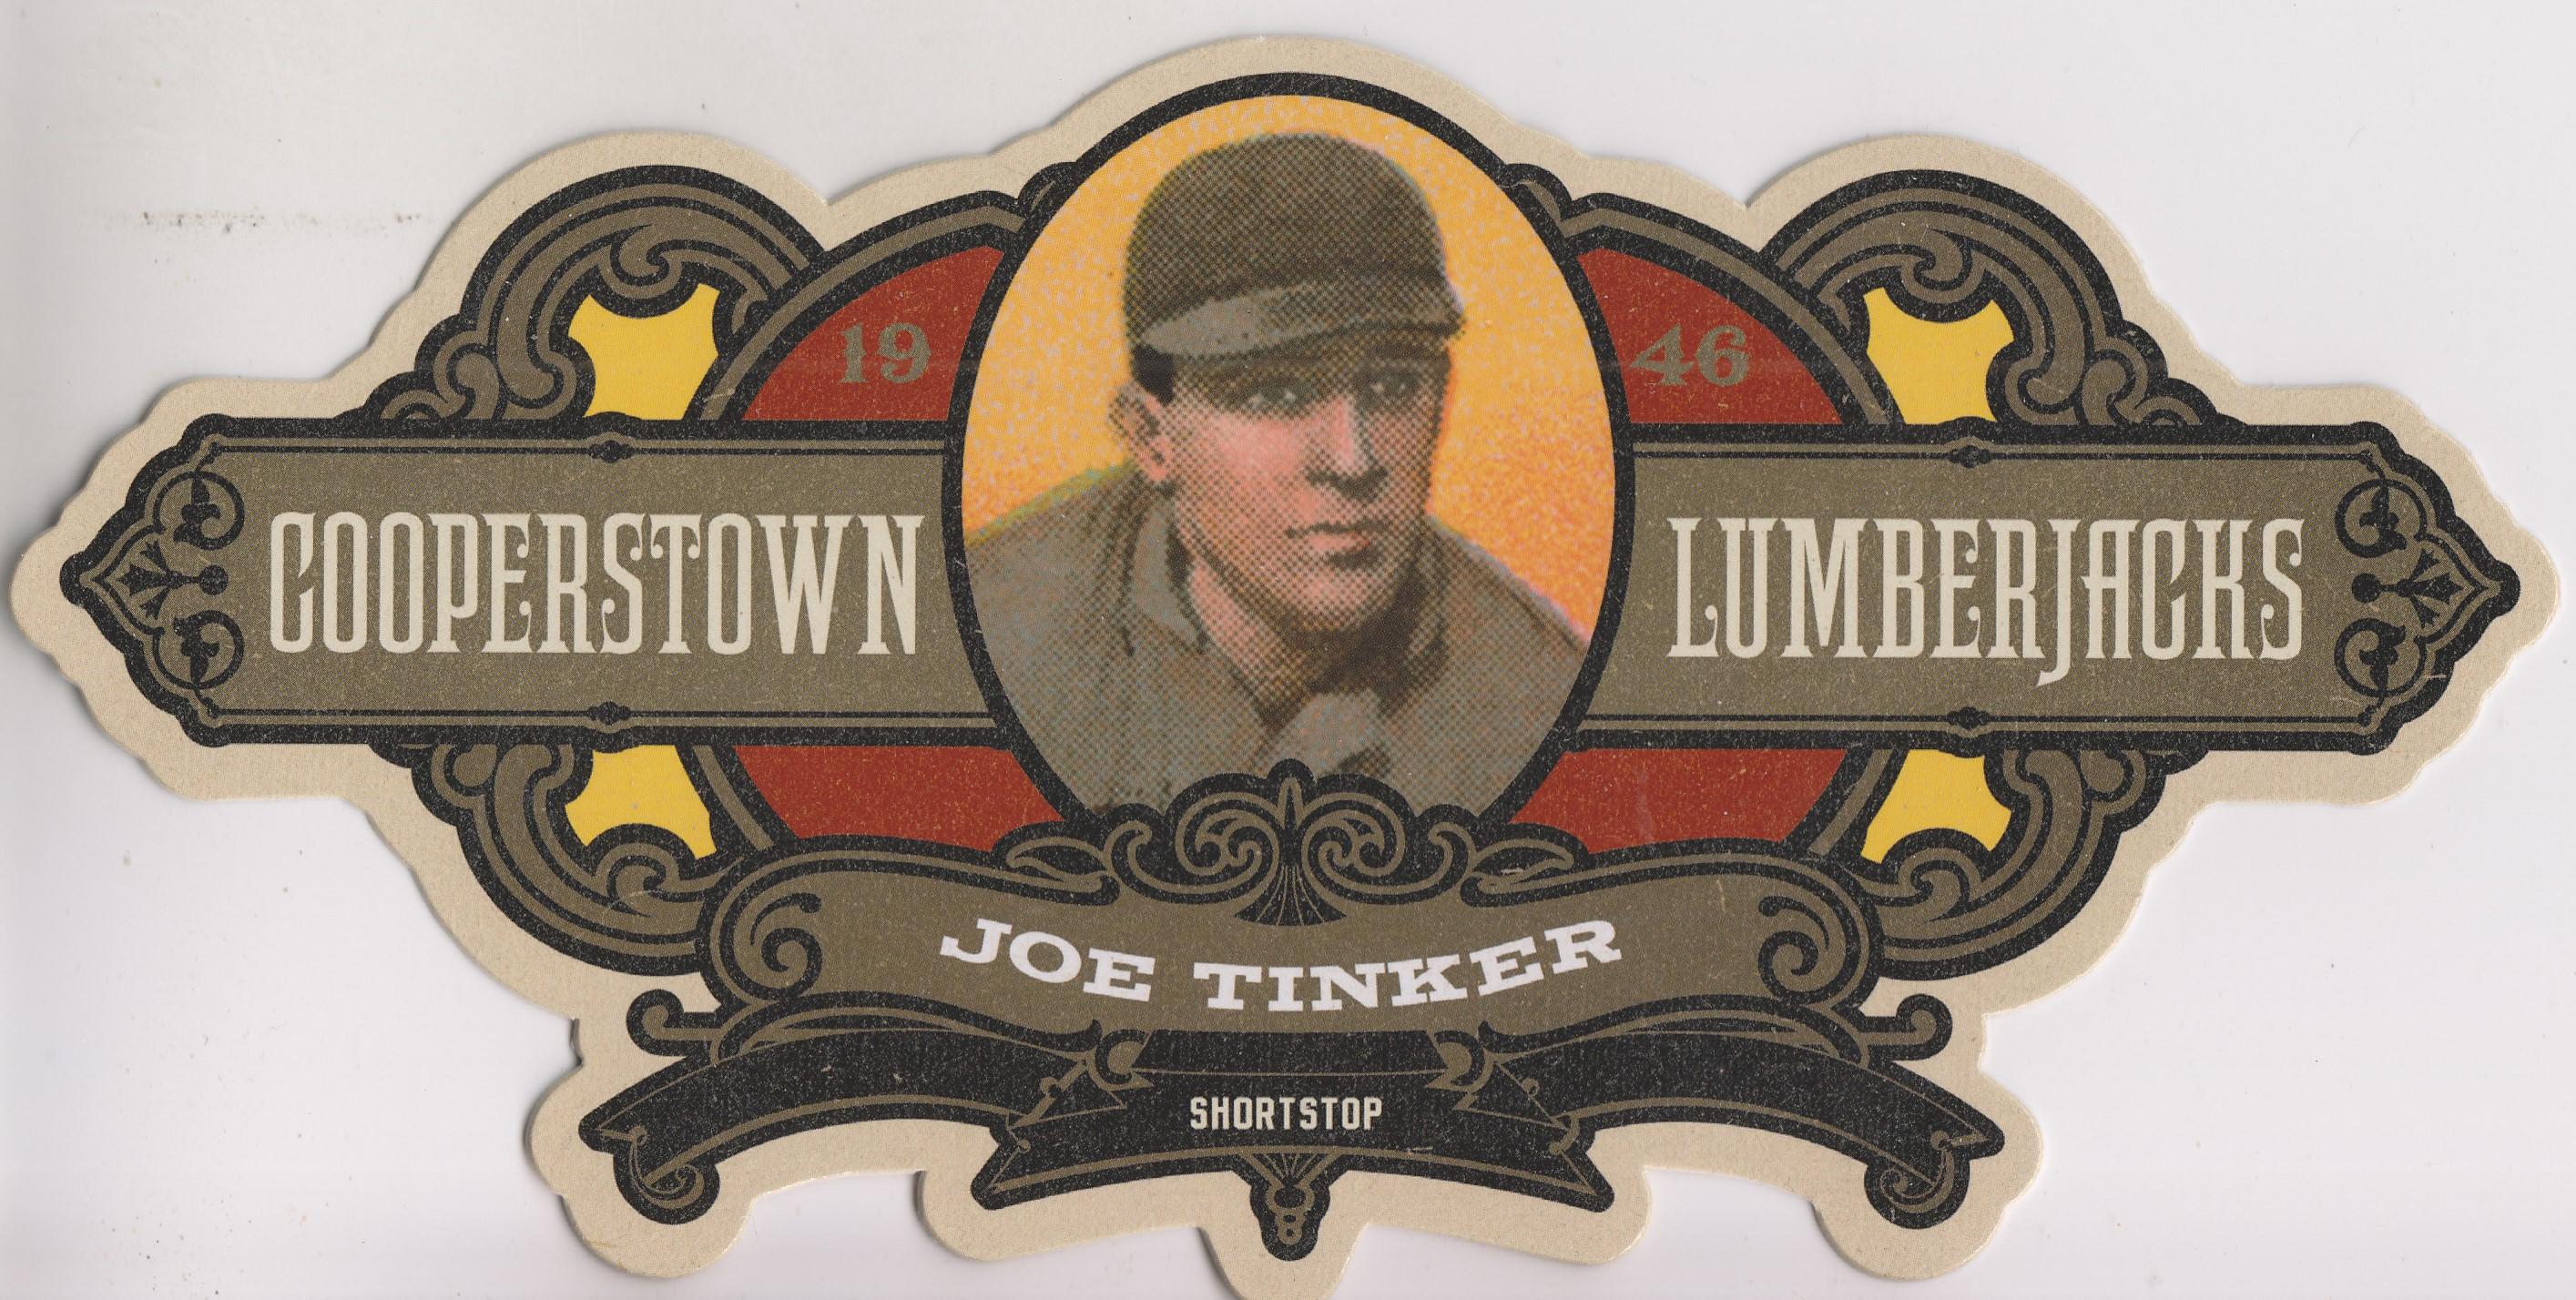 2013 Panini Cooperstown Lumberjacks Die Cut #20 Joe Tinker